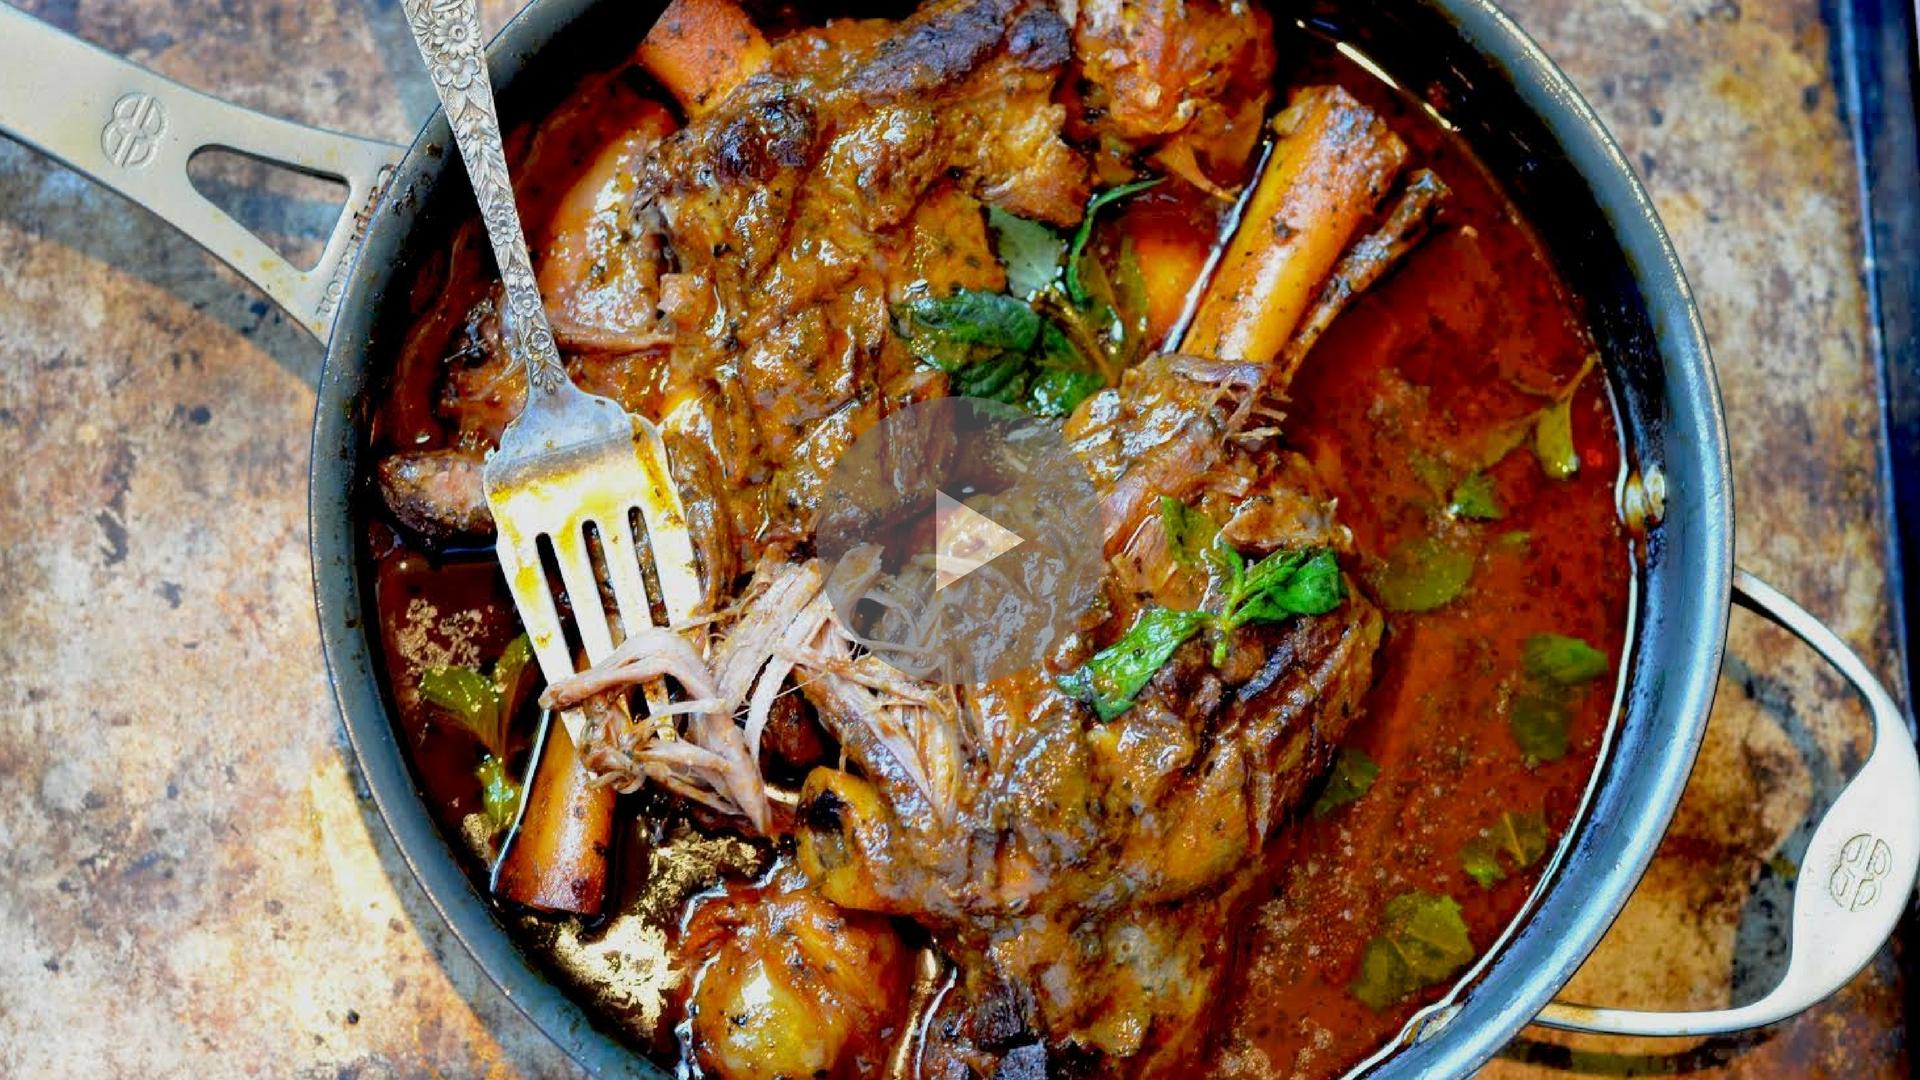 ALLY'S KITCHEN  Cookbook trailer,  www.allyskitchen.com